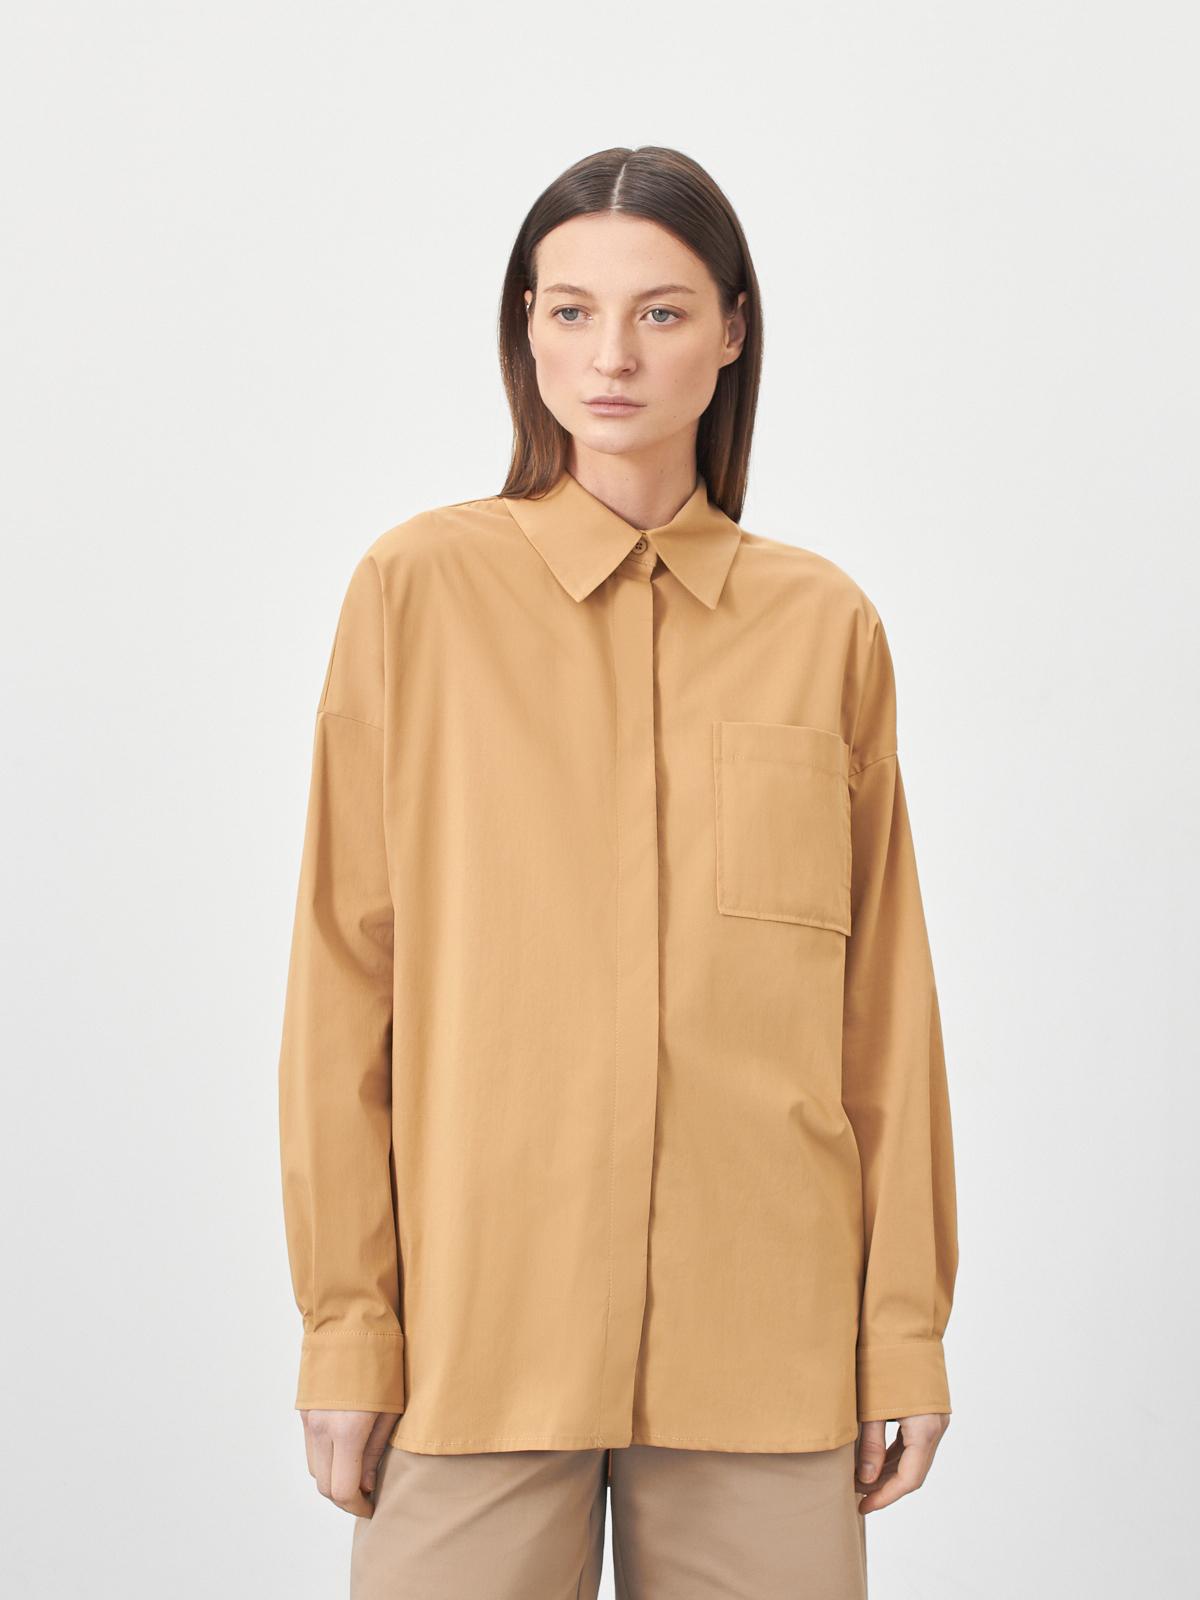 Рубашка Arwen объёмная с карманом, Бежевый